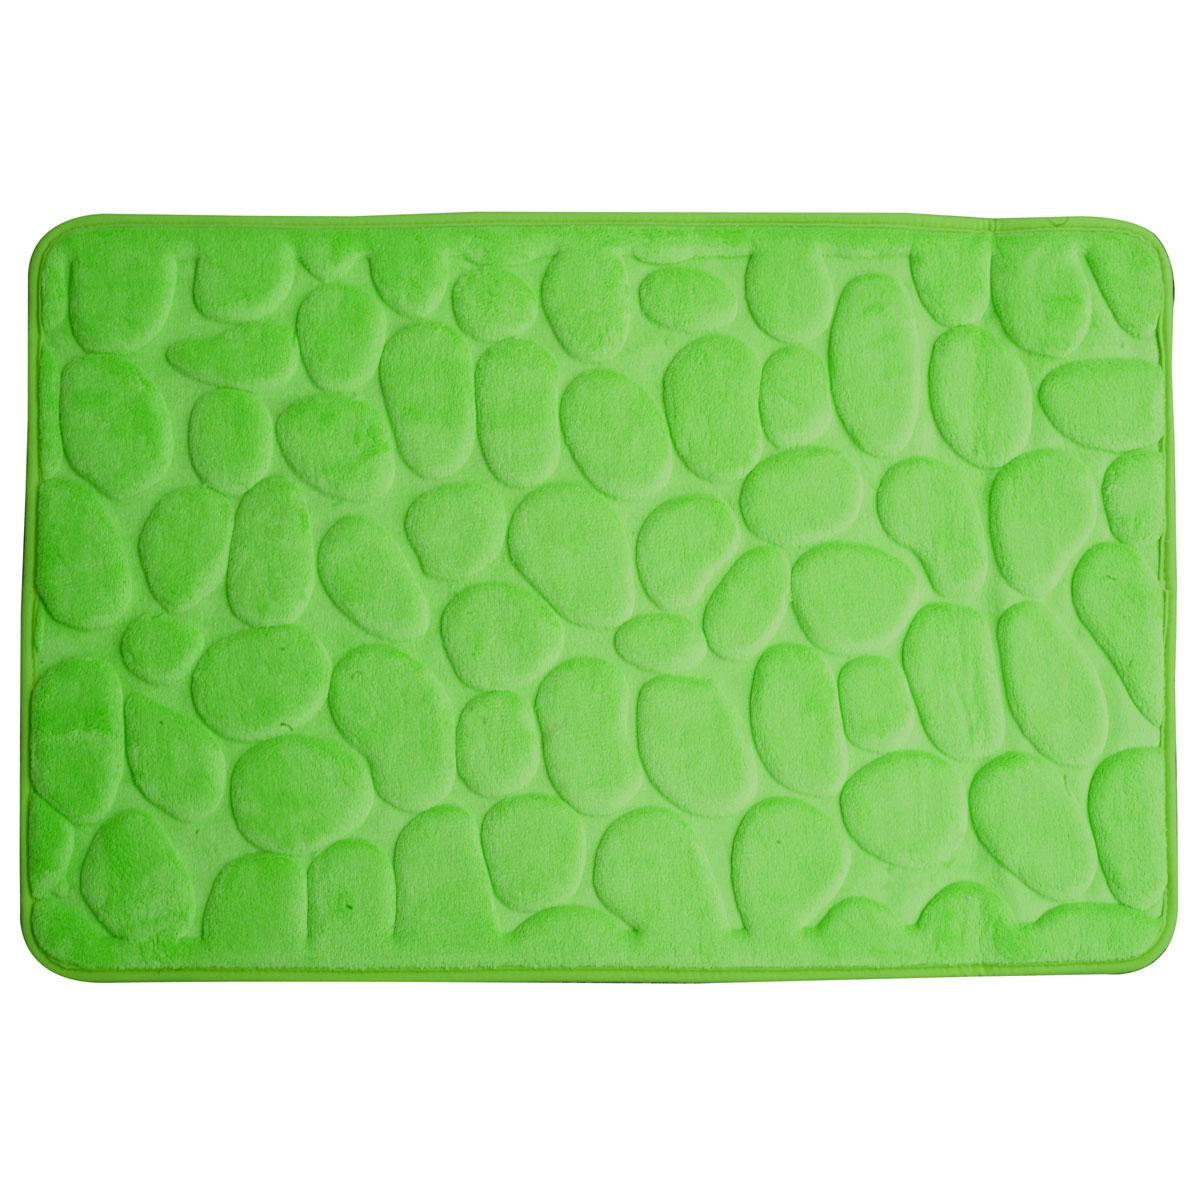 Super mäkká kúpeľňa koberec 60x95 3D zelená